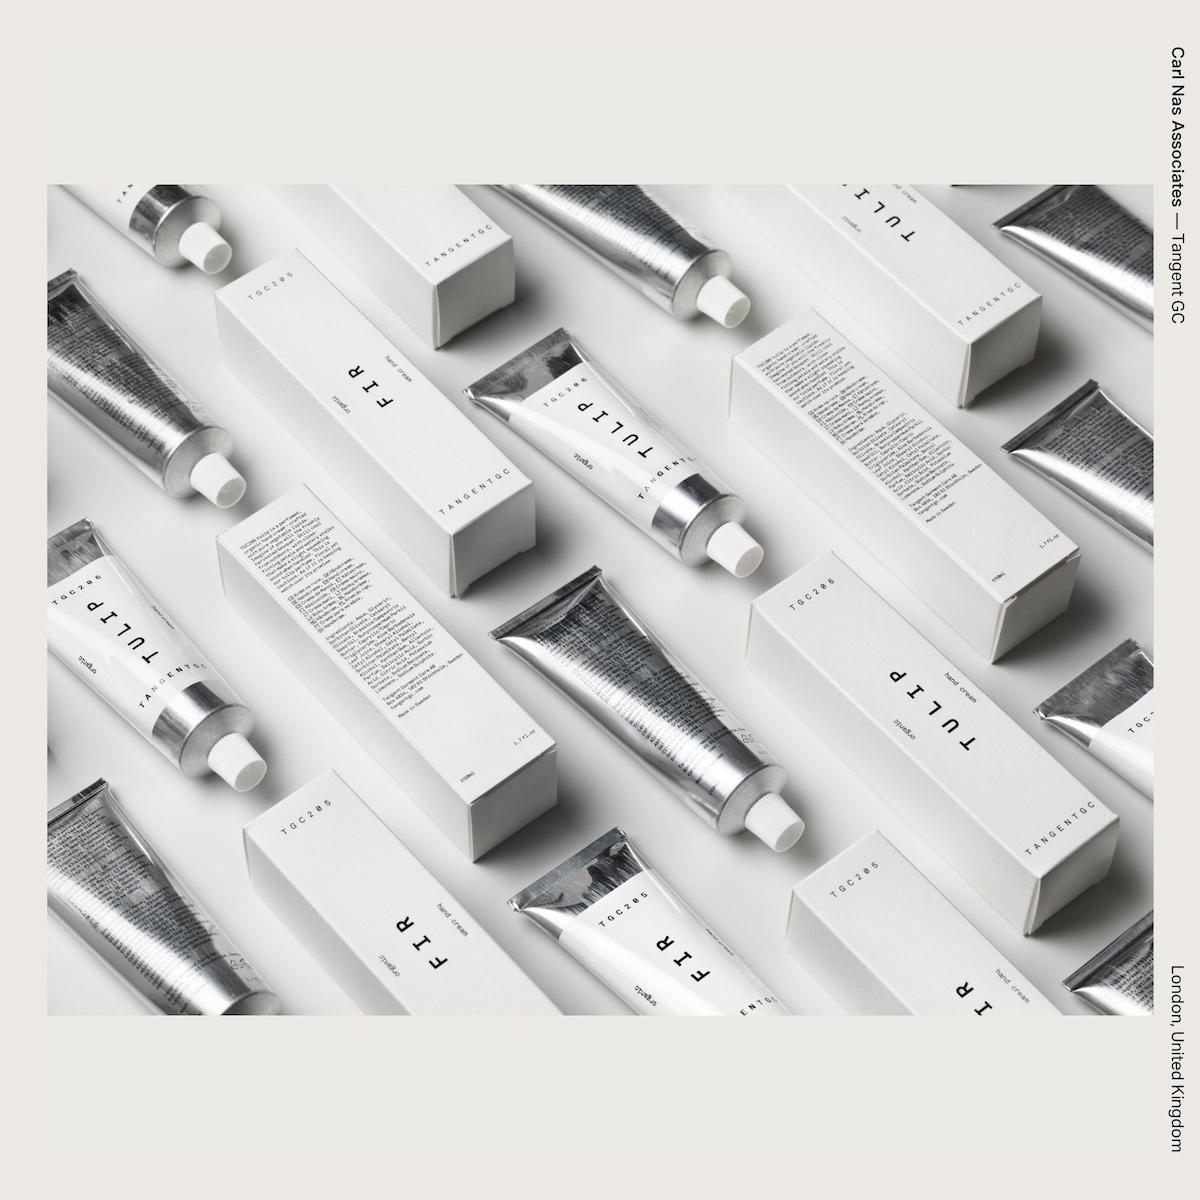 Carl Nas Associates — Tangent GC